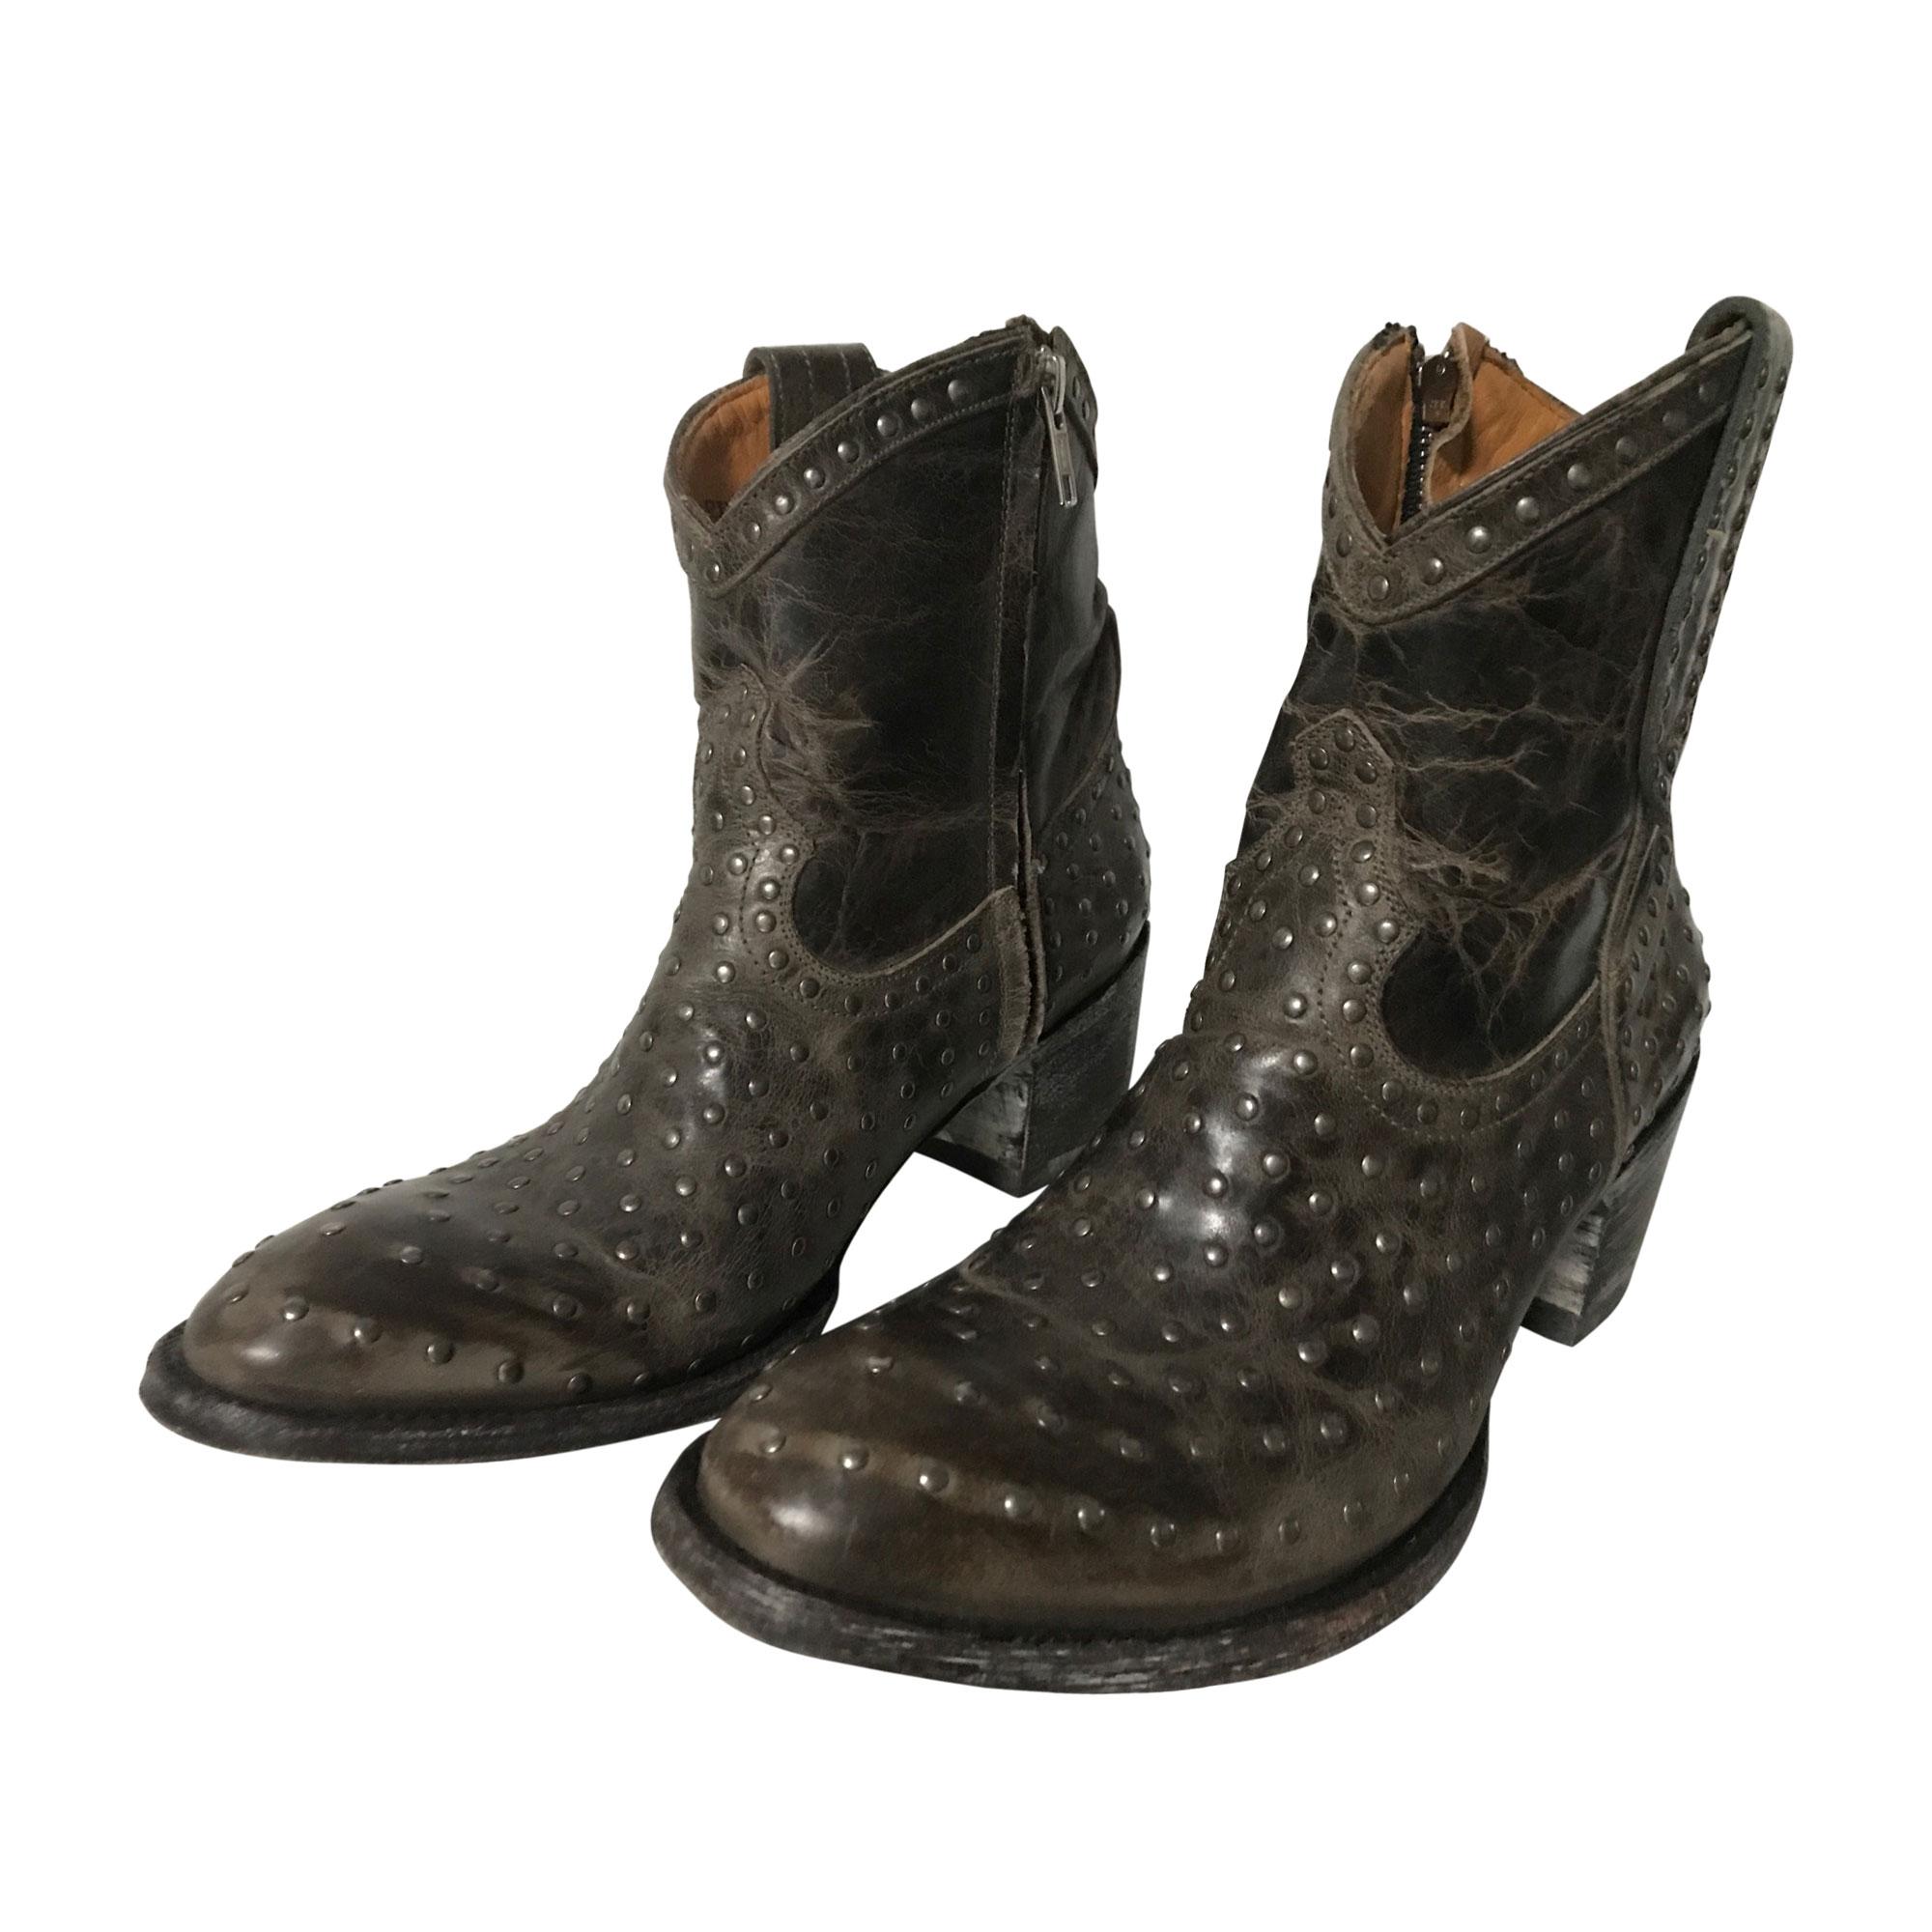 vente professionnelle assez bon marché la vente de chaussures Santiags, bottines, low boots cowboy